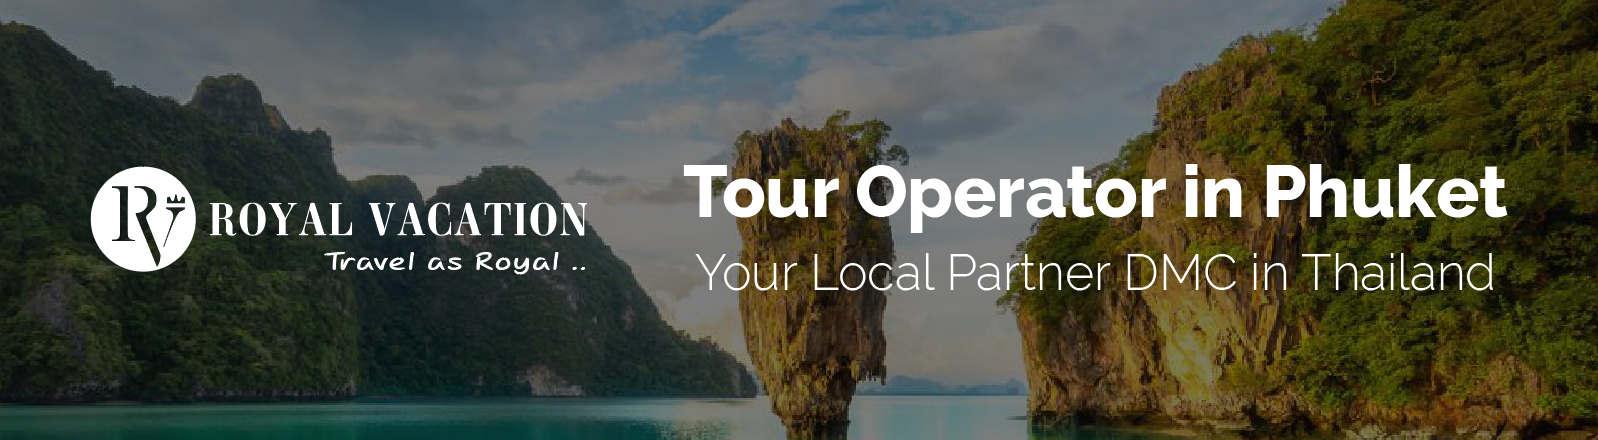 Tour Operator in Phuket